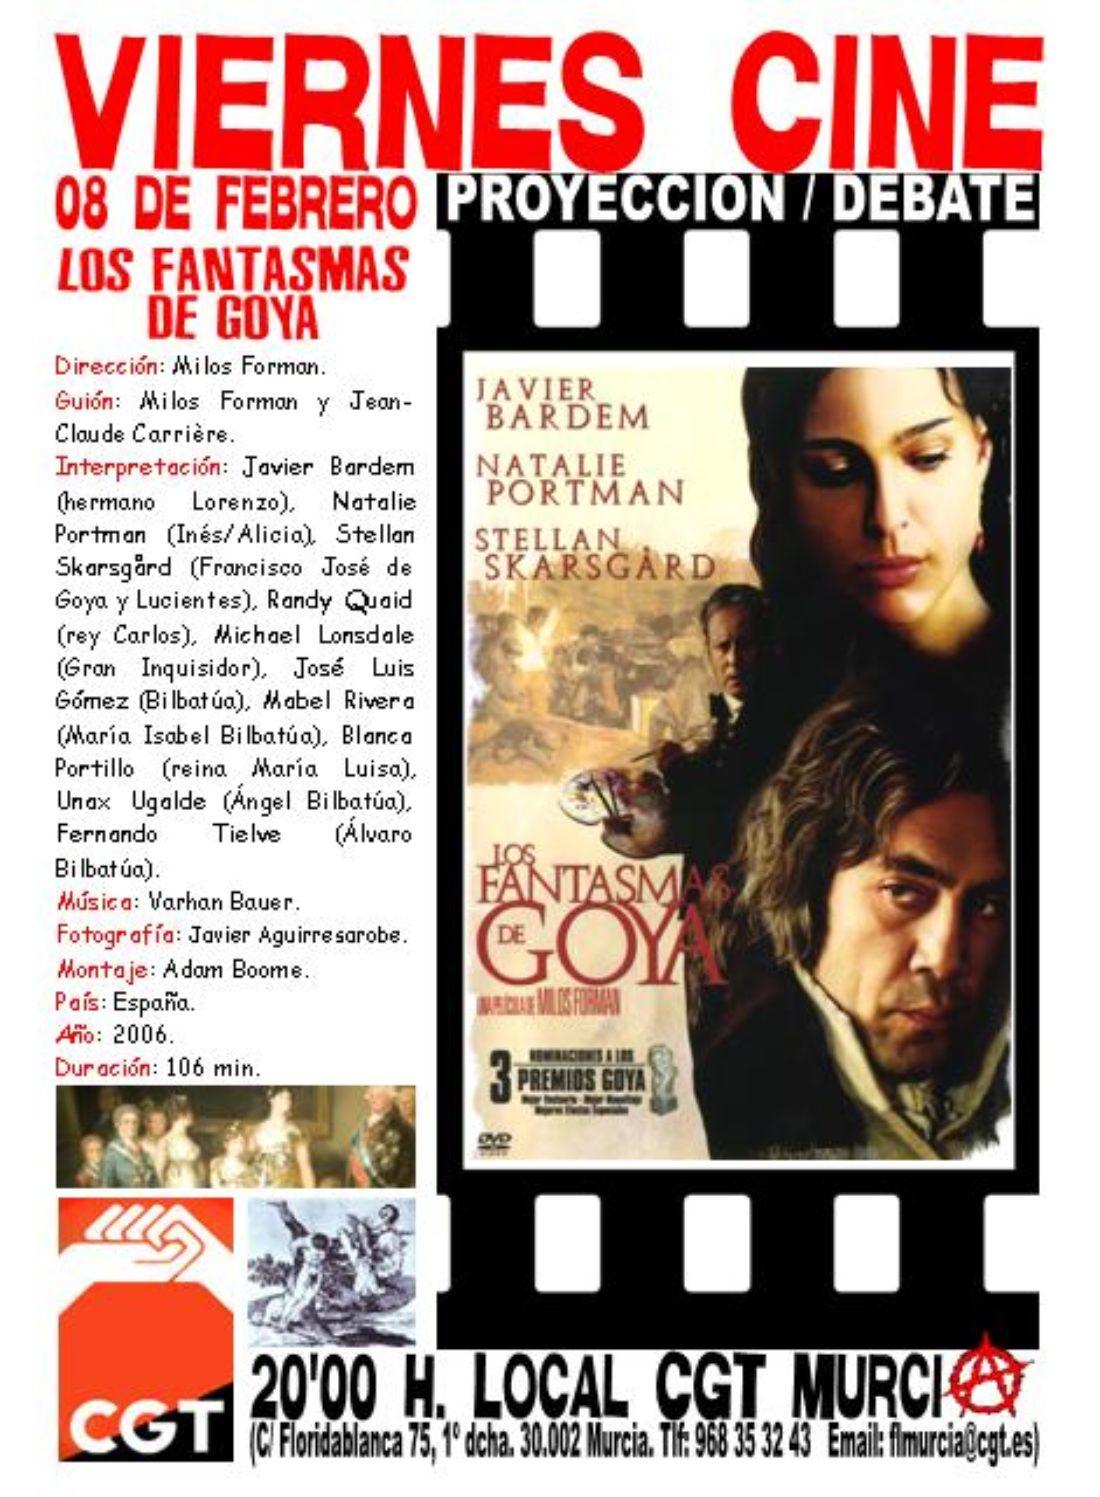 VIERNES CINE. El 08 de febrero LOS FANTASMAS DE GOYA a las 20'00 h, en el local de CGT en Murcia